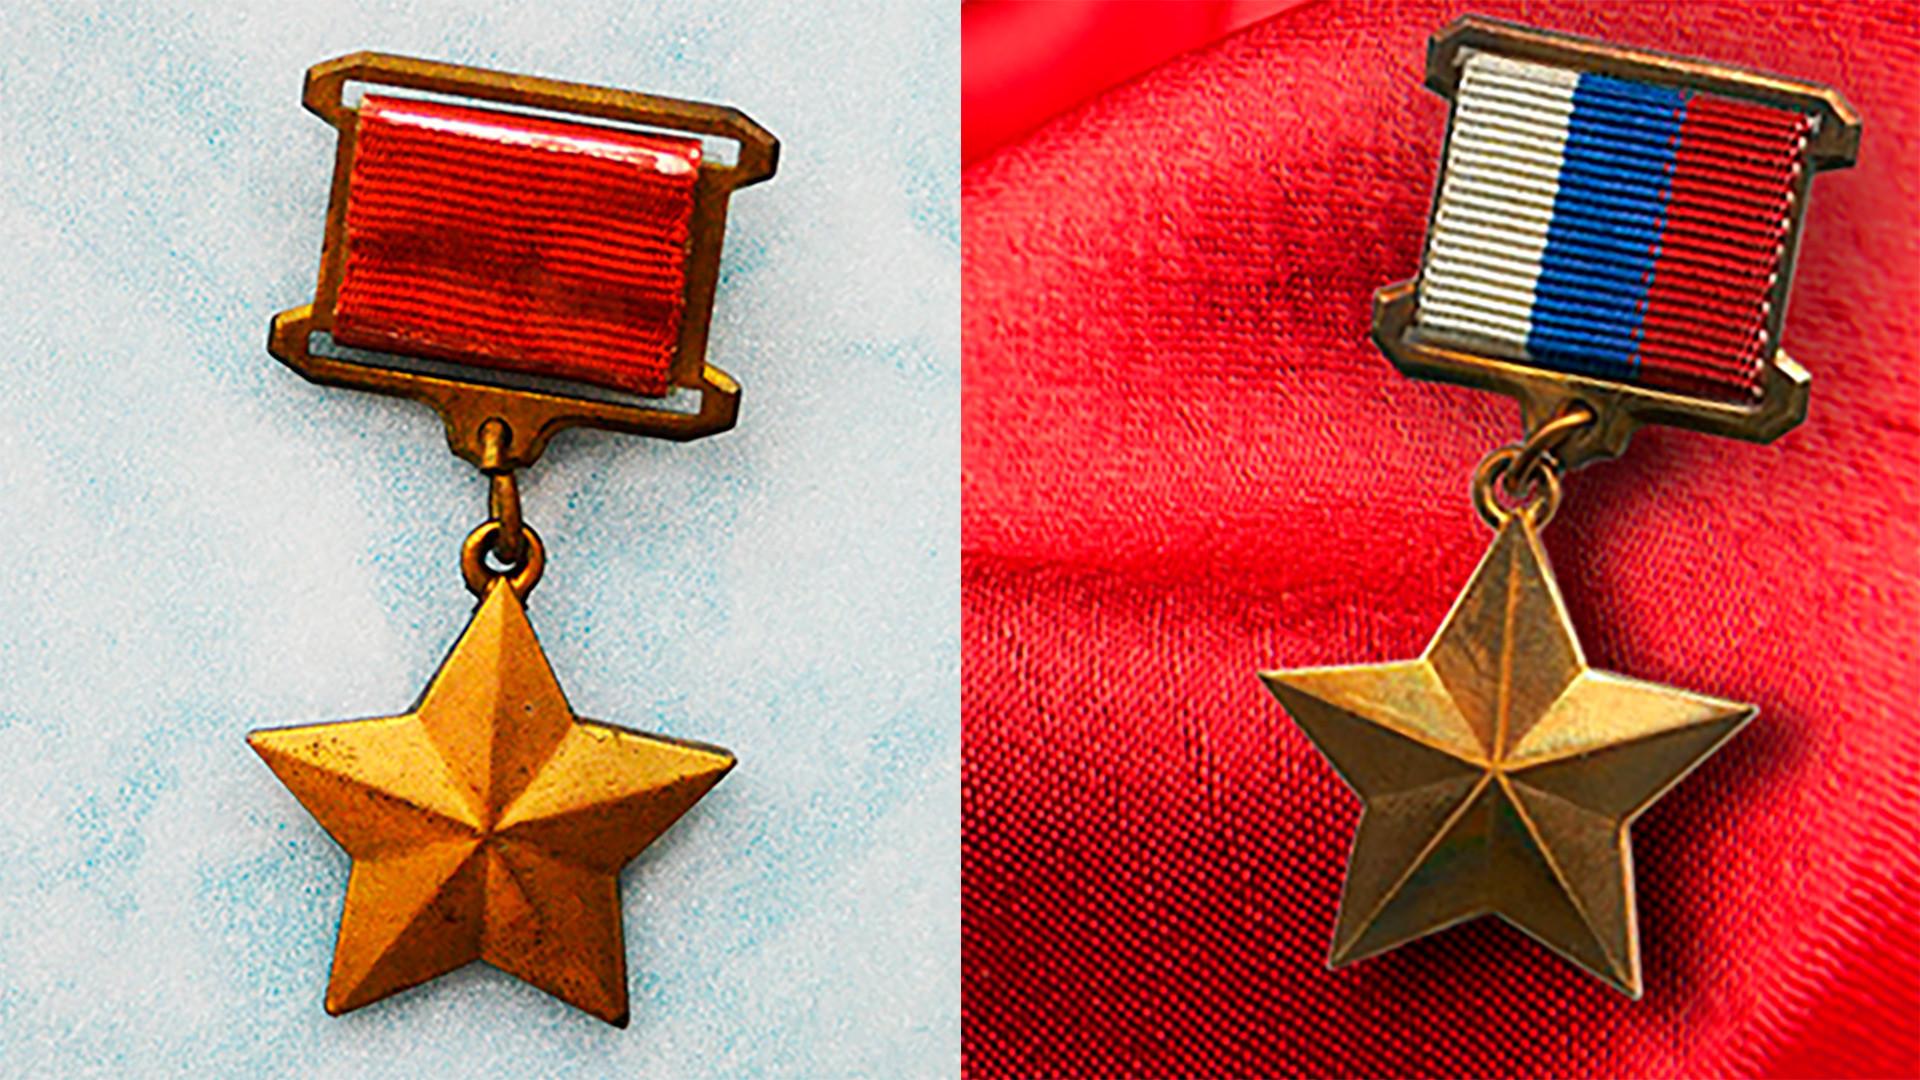 Златна sвезда на Херој на СССР и Херој на Русија